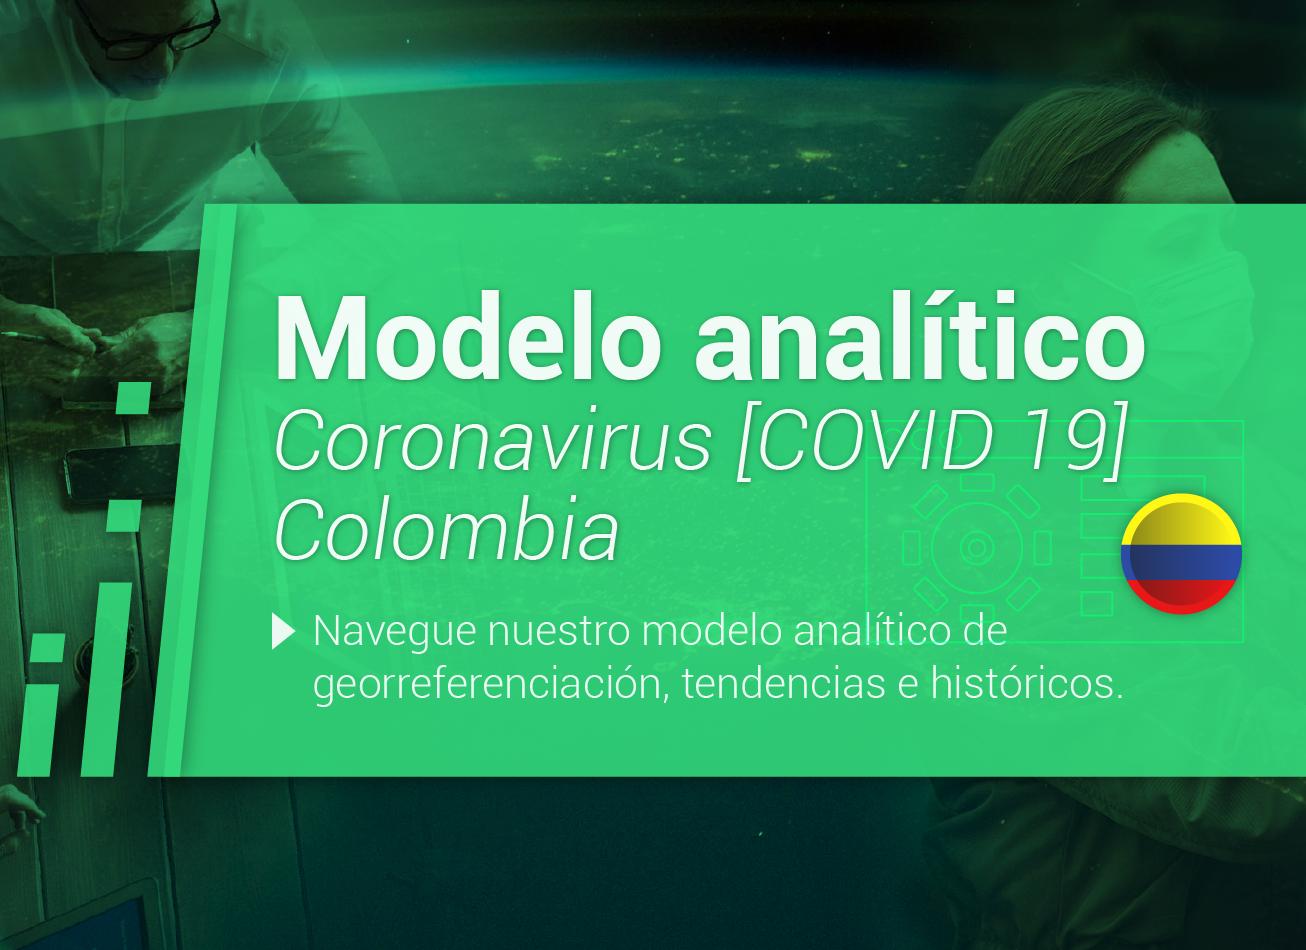 Modelo analítico Coronavirus (COVID-19) Colombia ciudades contagios muertes